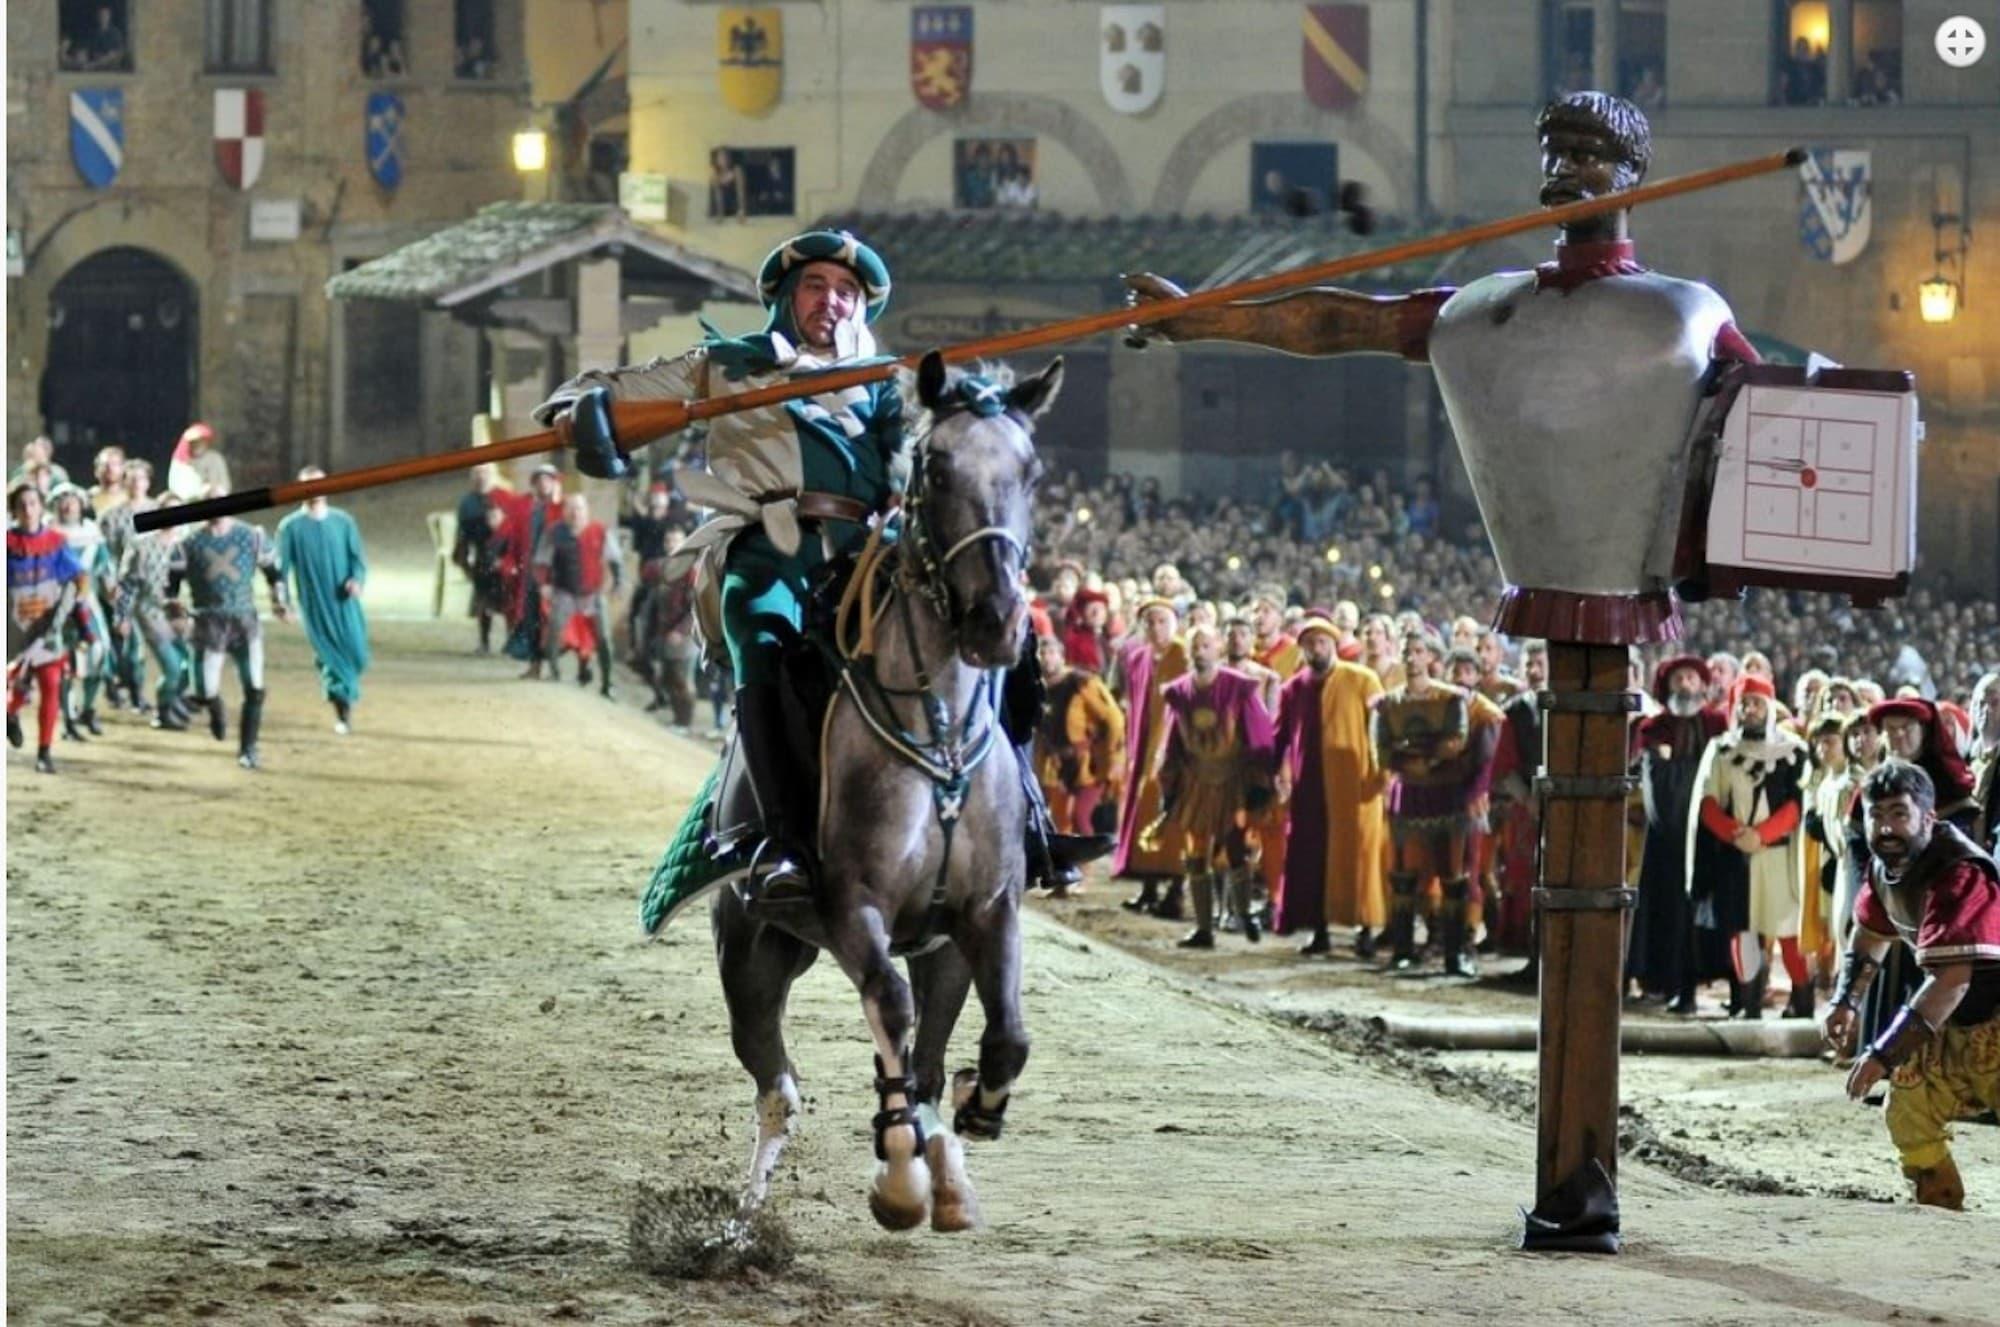 馬上槍突き試合の様子(写真出典「Giostra del Saracino」公式HP)